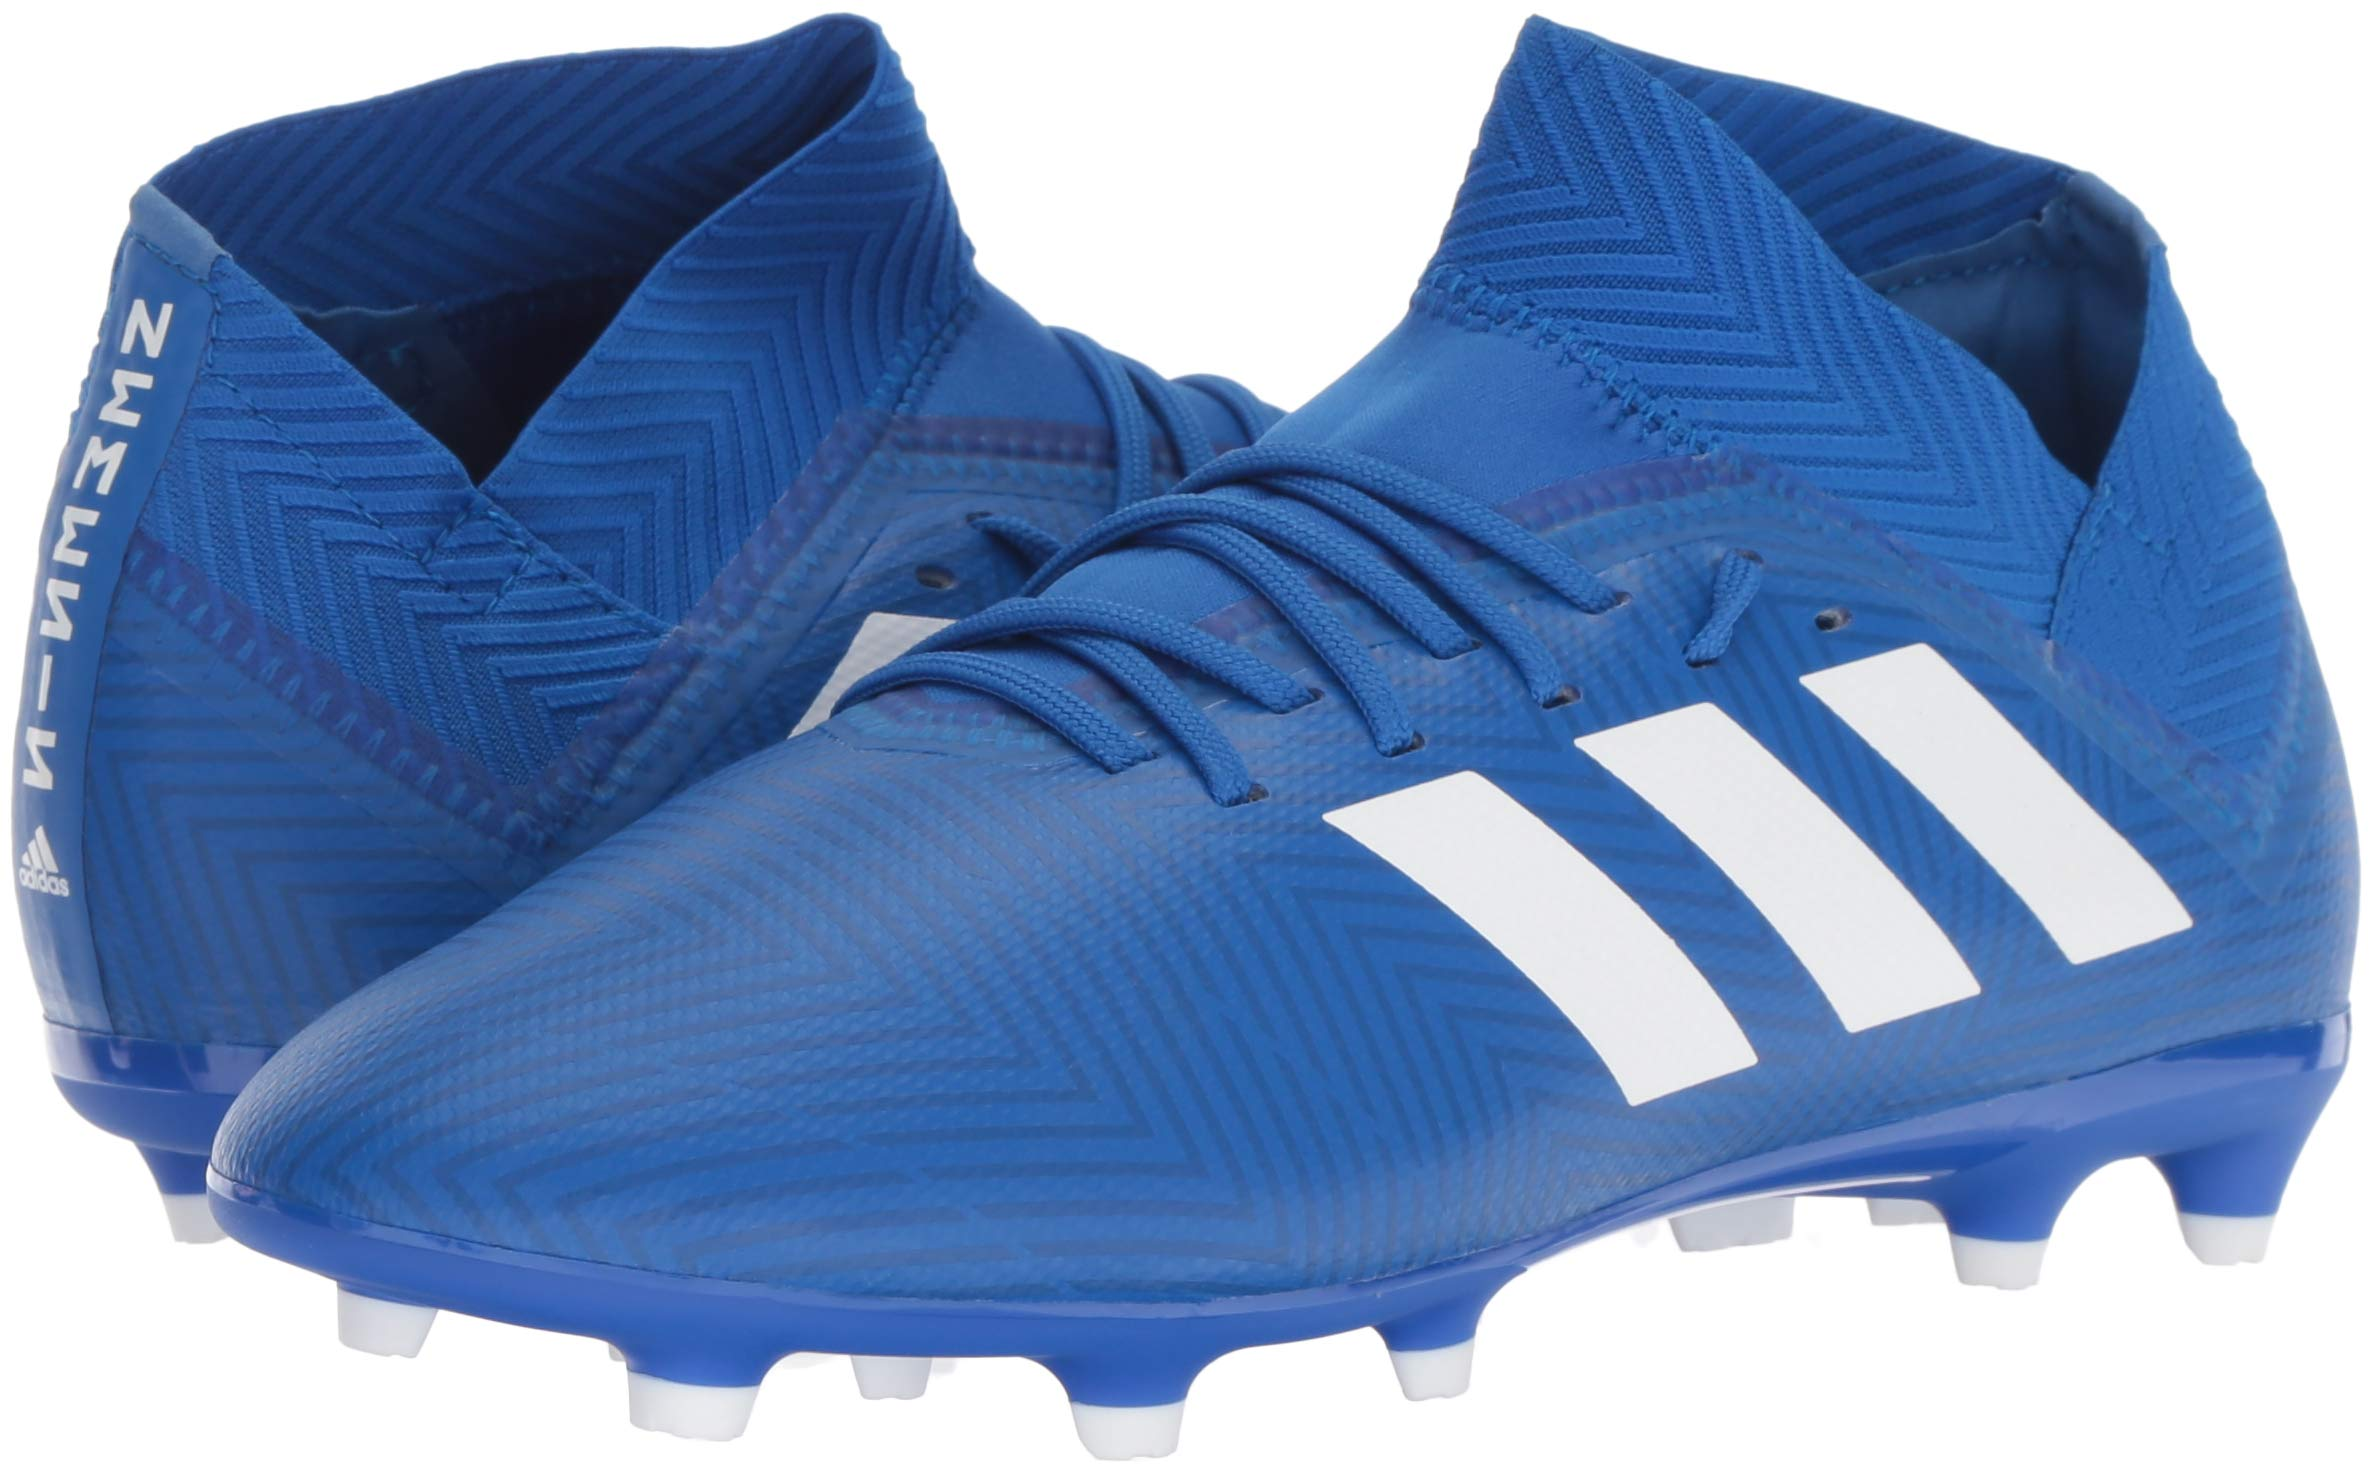 adidas Unisex Nemeziz 18.3 Firm Ground Soccer Shoe, White/Football Blue, 3.5 M US Big Kid by adidas (Image #6)